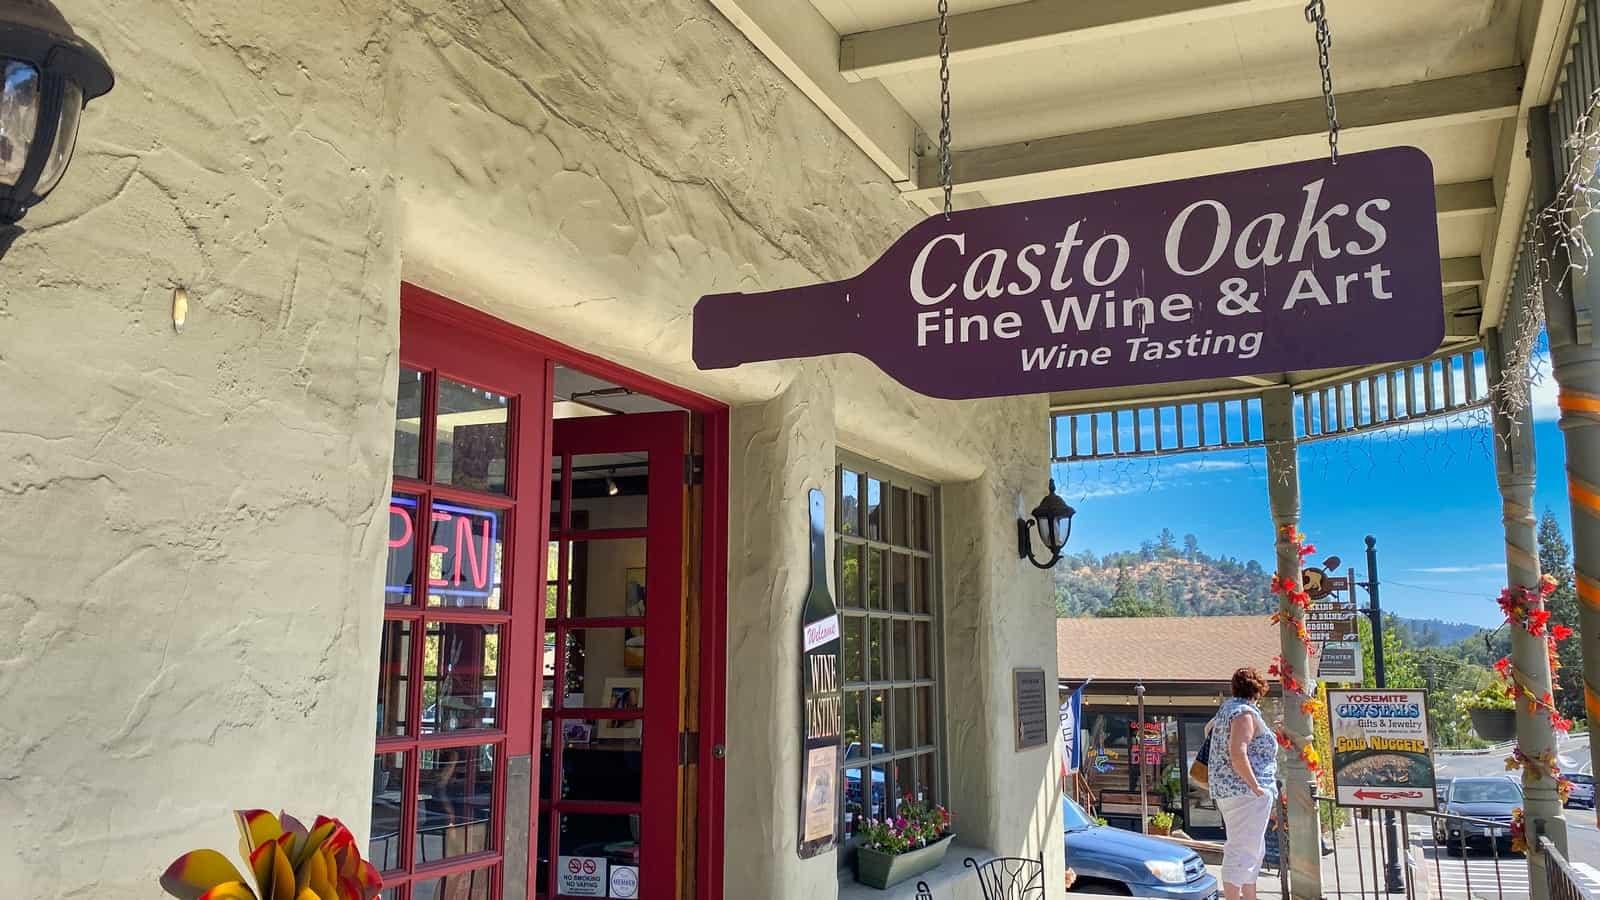 Yosemite Casto Oaks